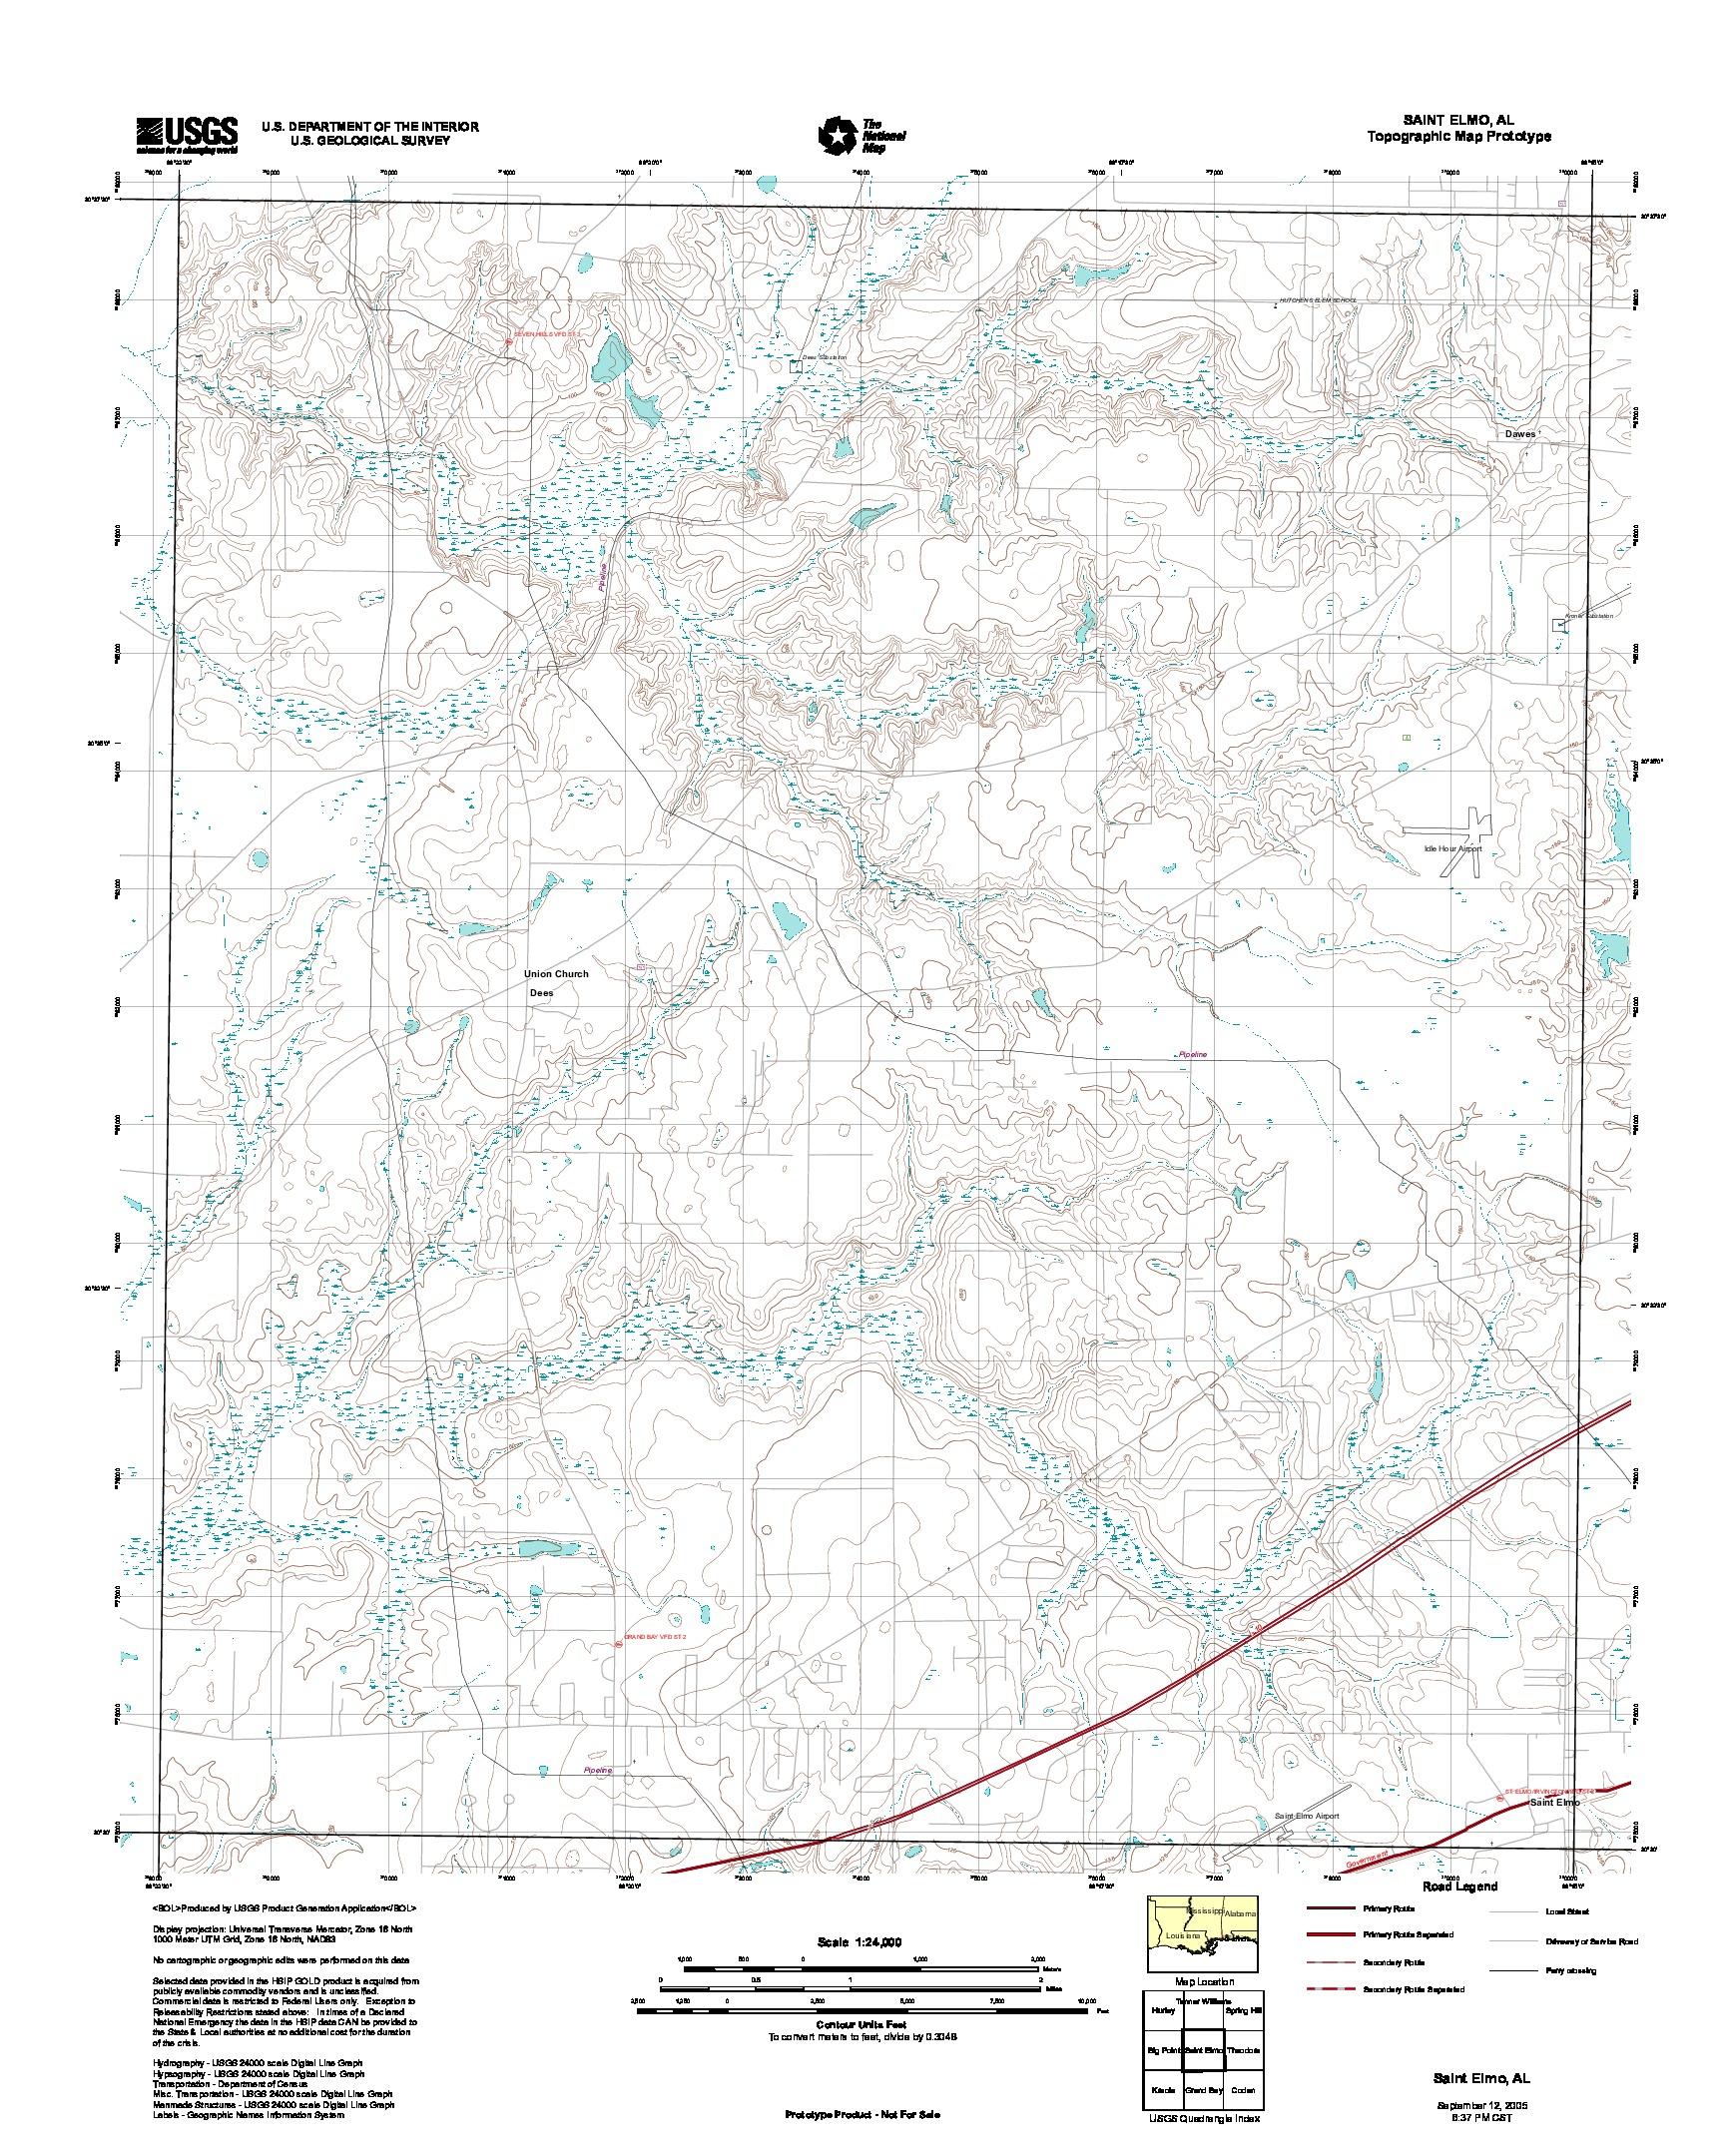 Saint Elmo, Topographic Map Prototype, Alabama, United States, September 12, 2005